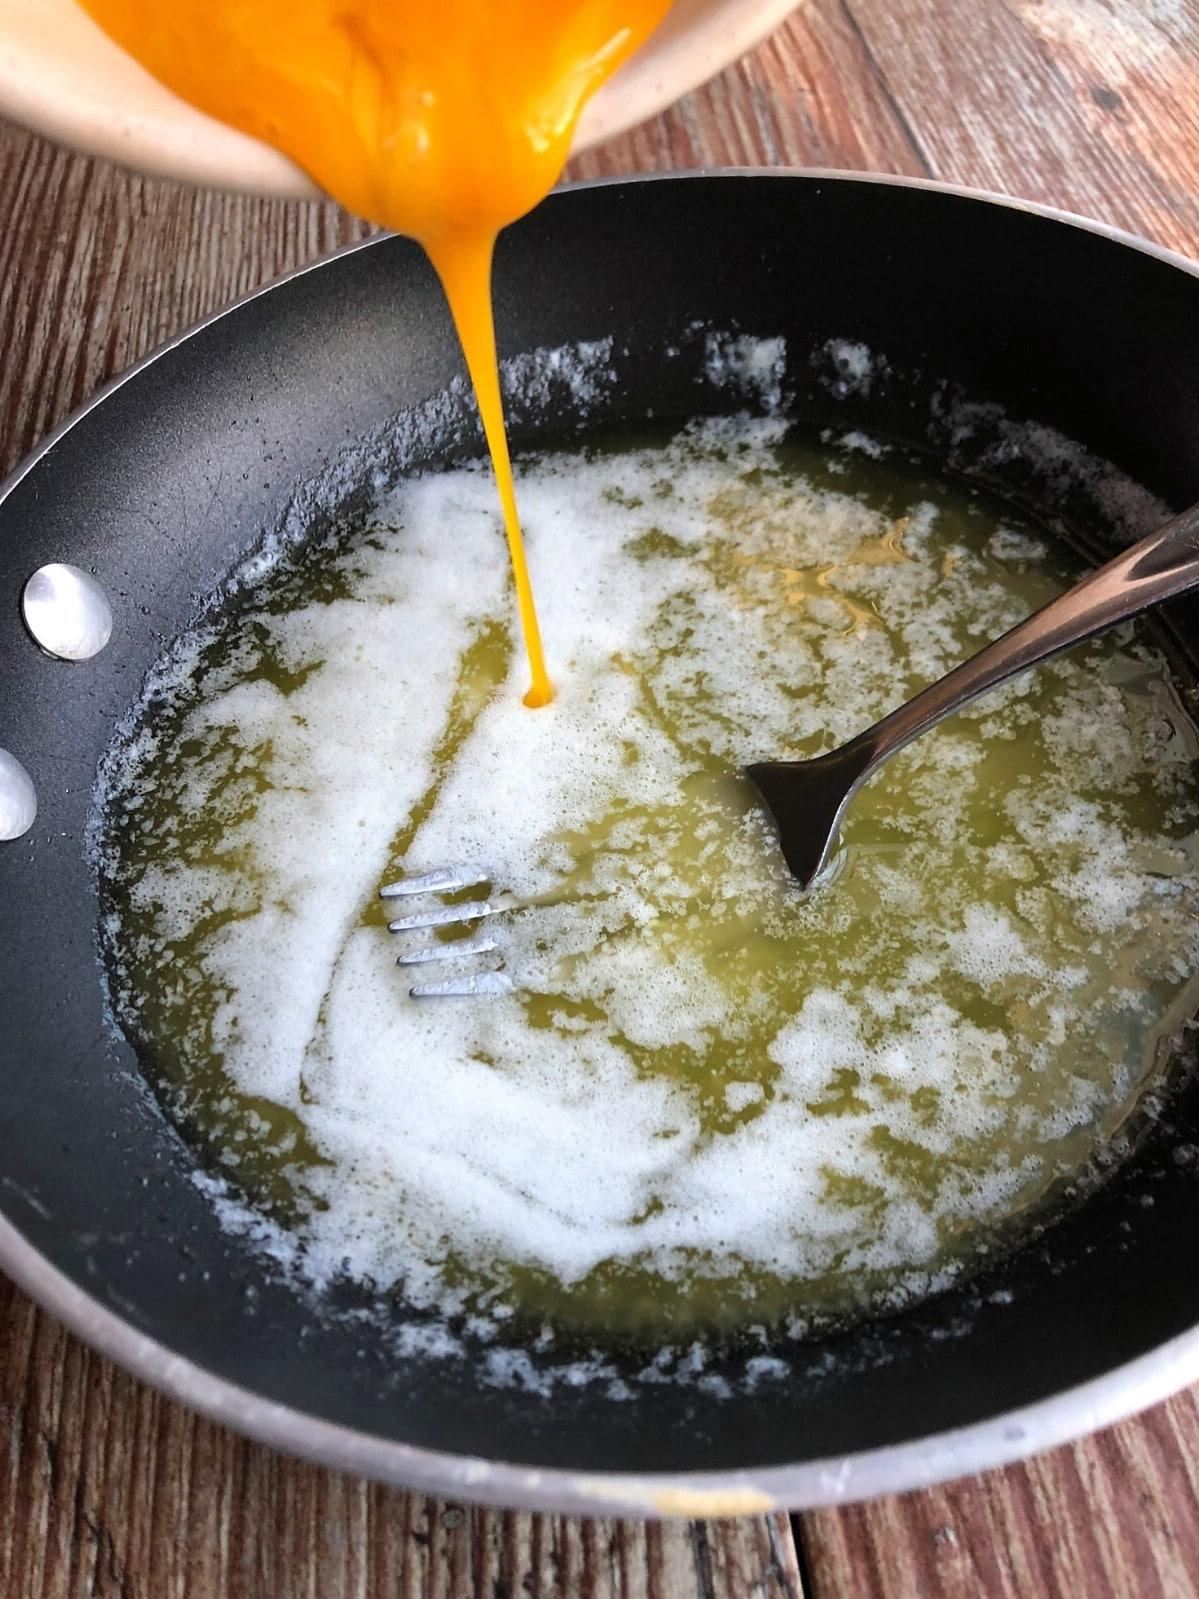 Stirring ingredients in skillet